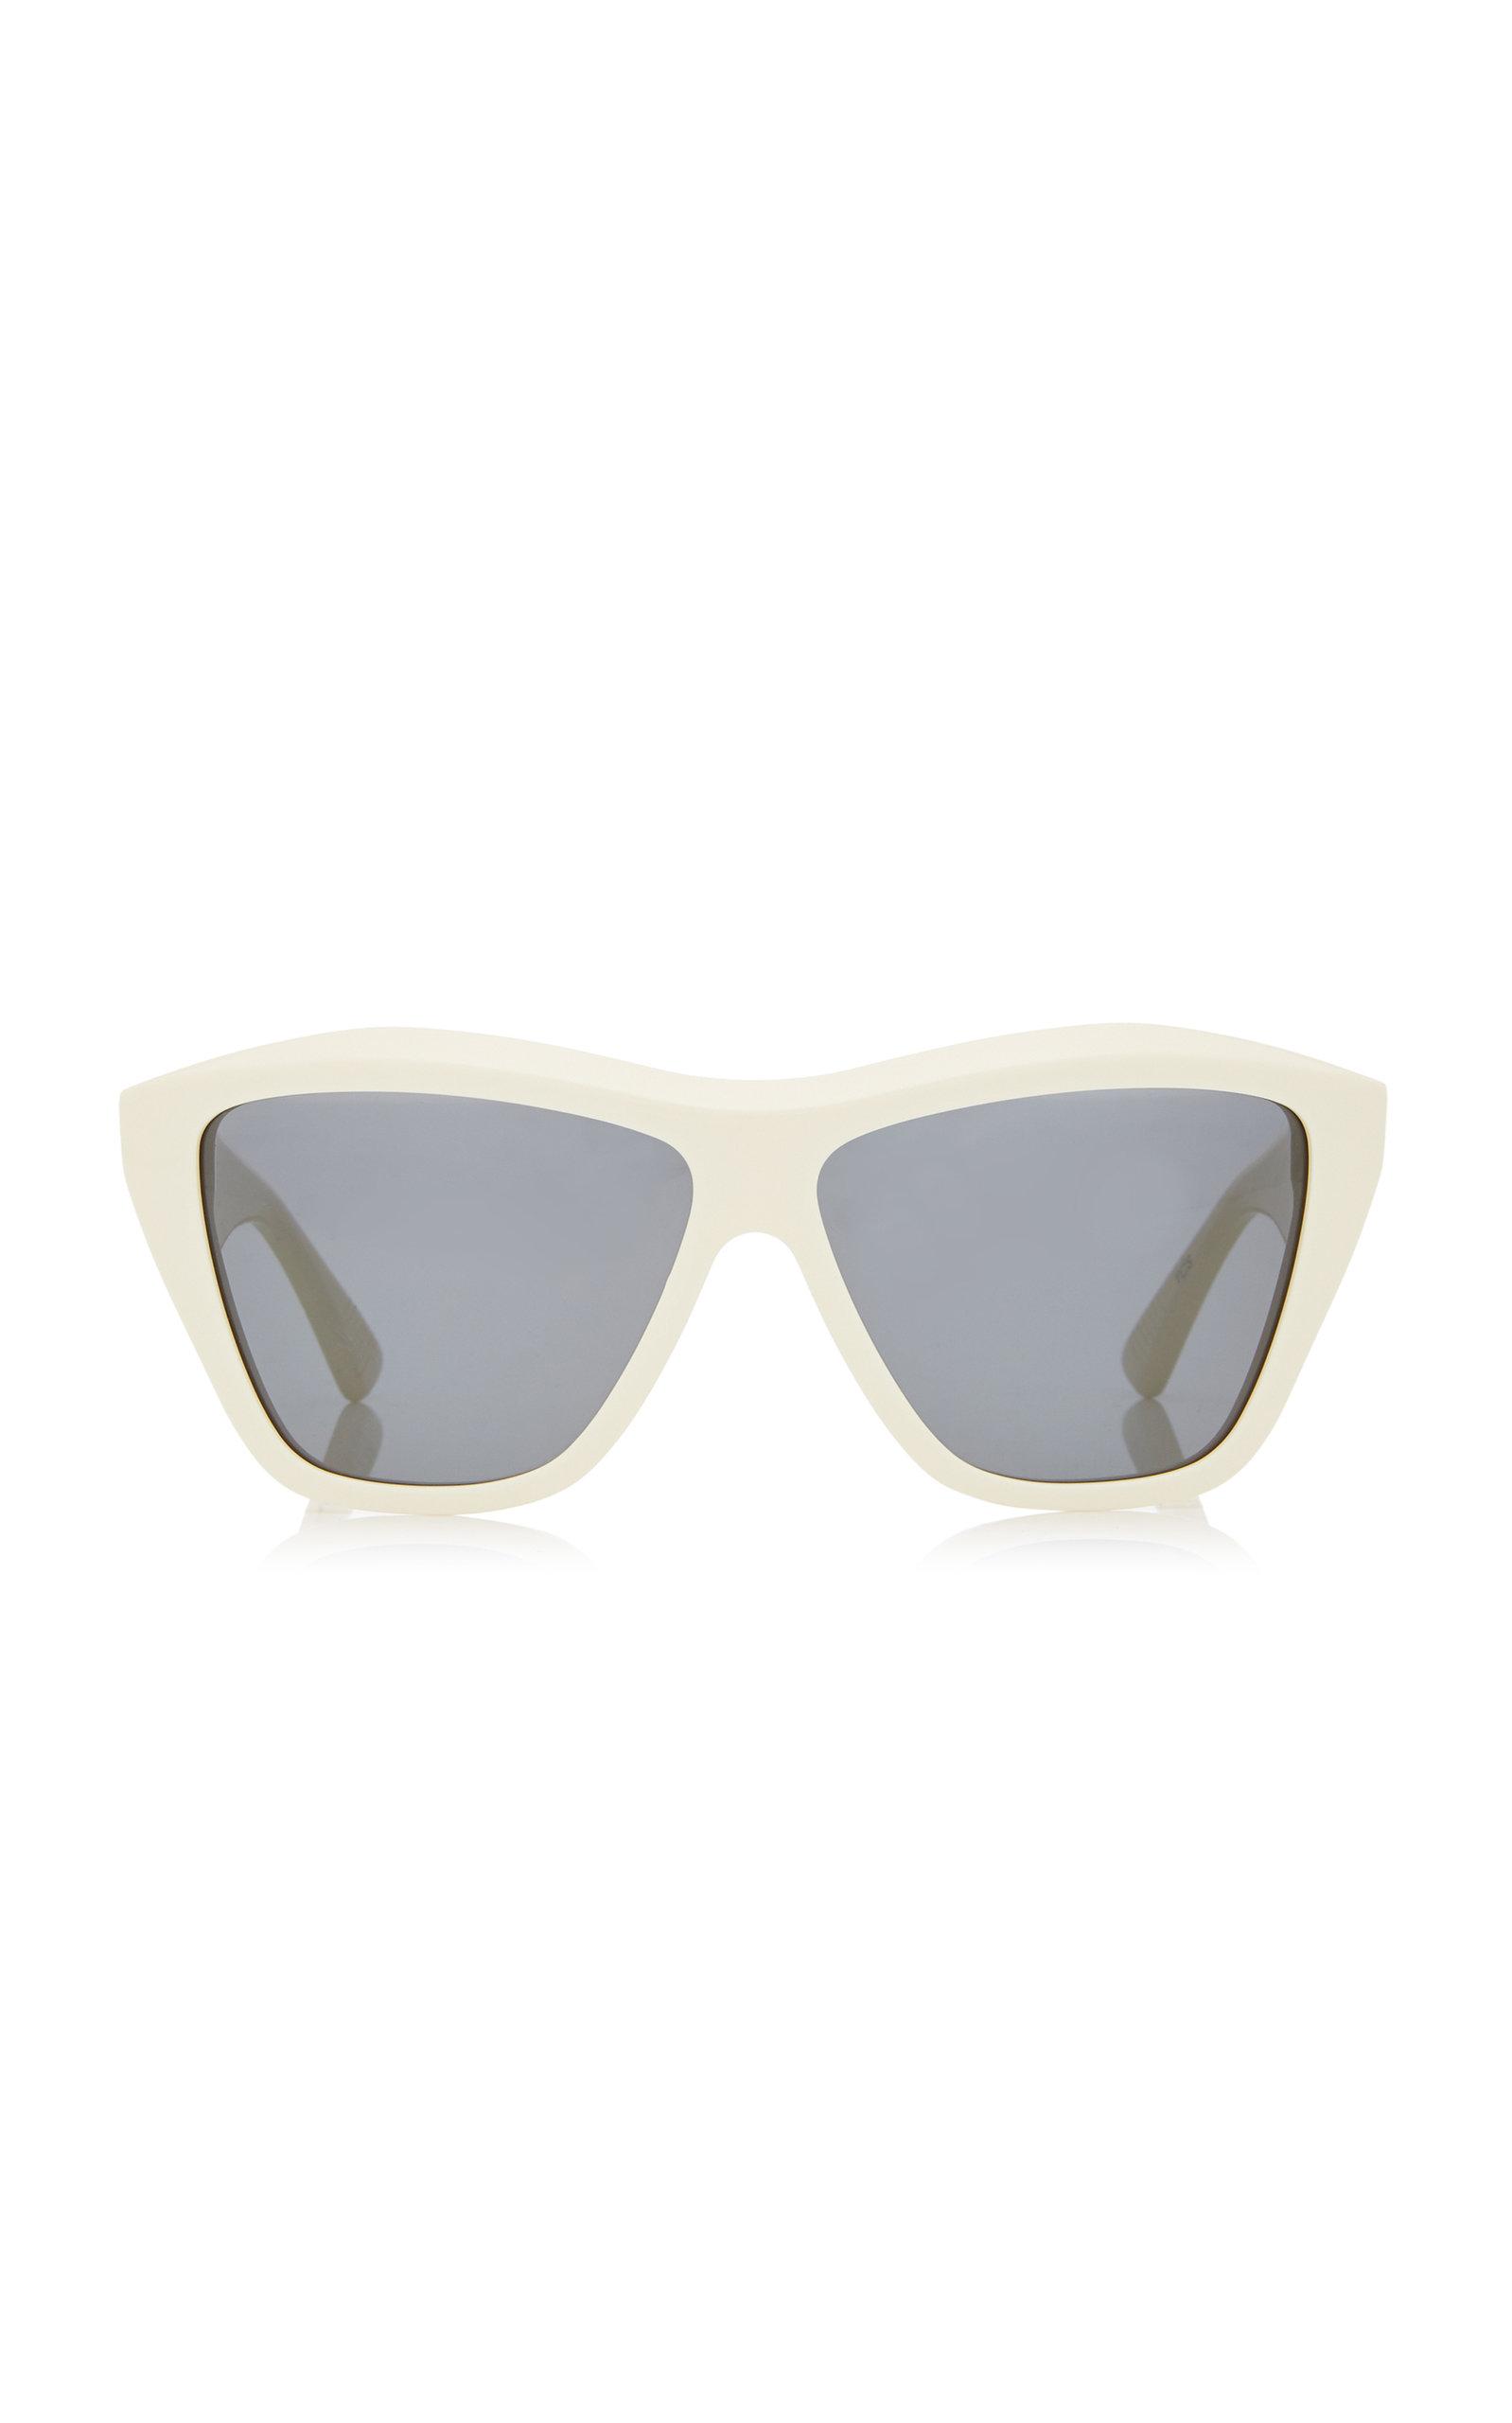 Bottega Veneta - Women's Oversized Square-Frame Acetate Sunglasses - White - Moda Operandi